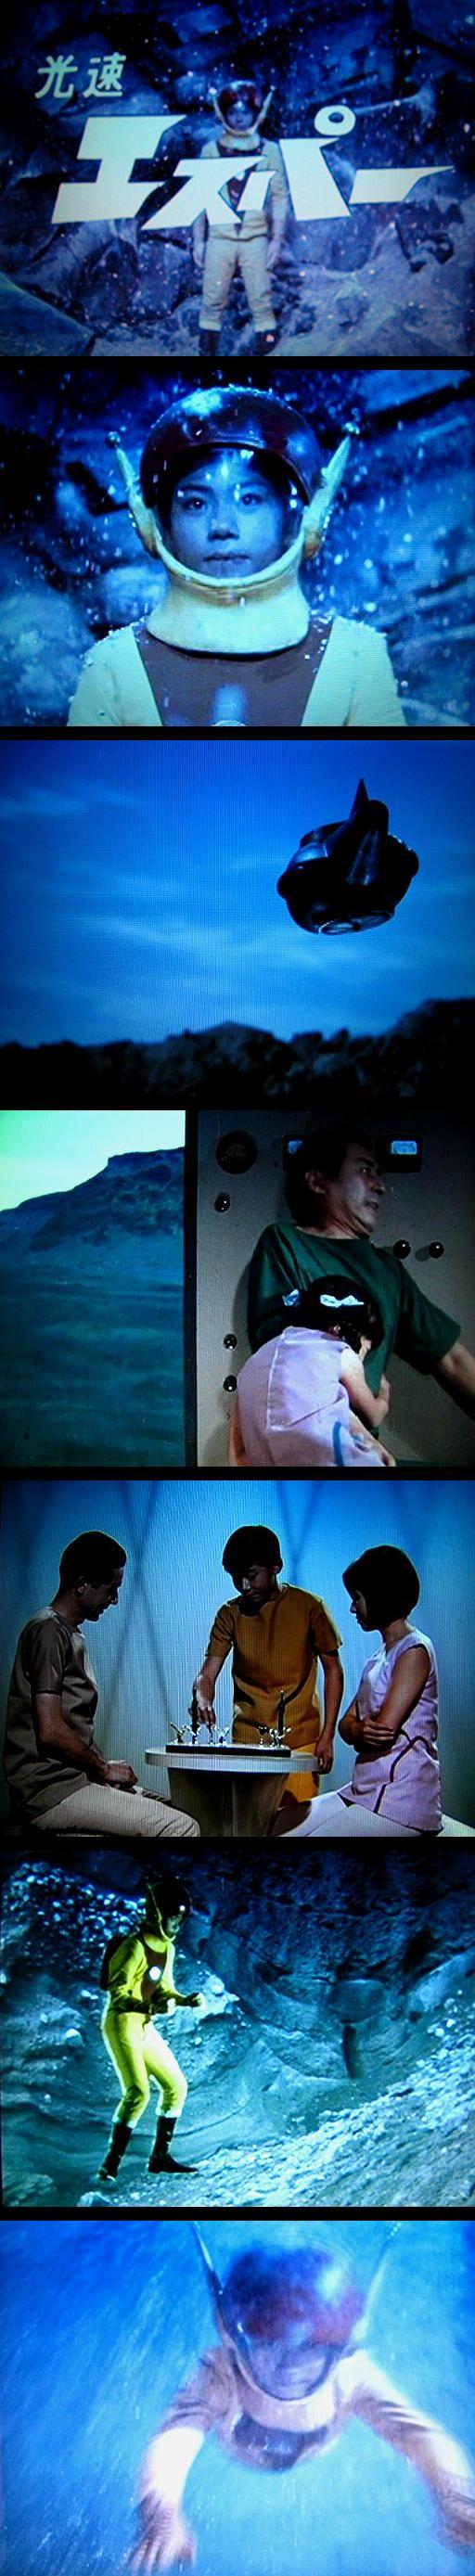 パチもんではなく パイロットフィルム版です。 チープで垢抜けない強化服... 光速エスパー Pa